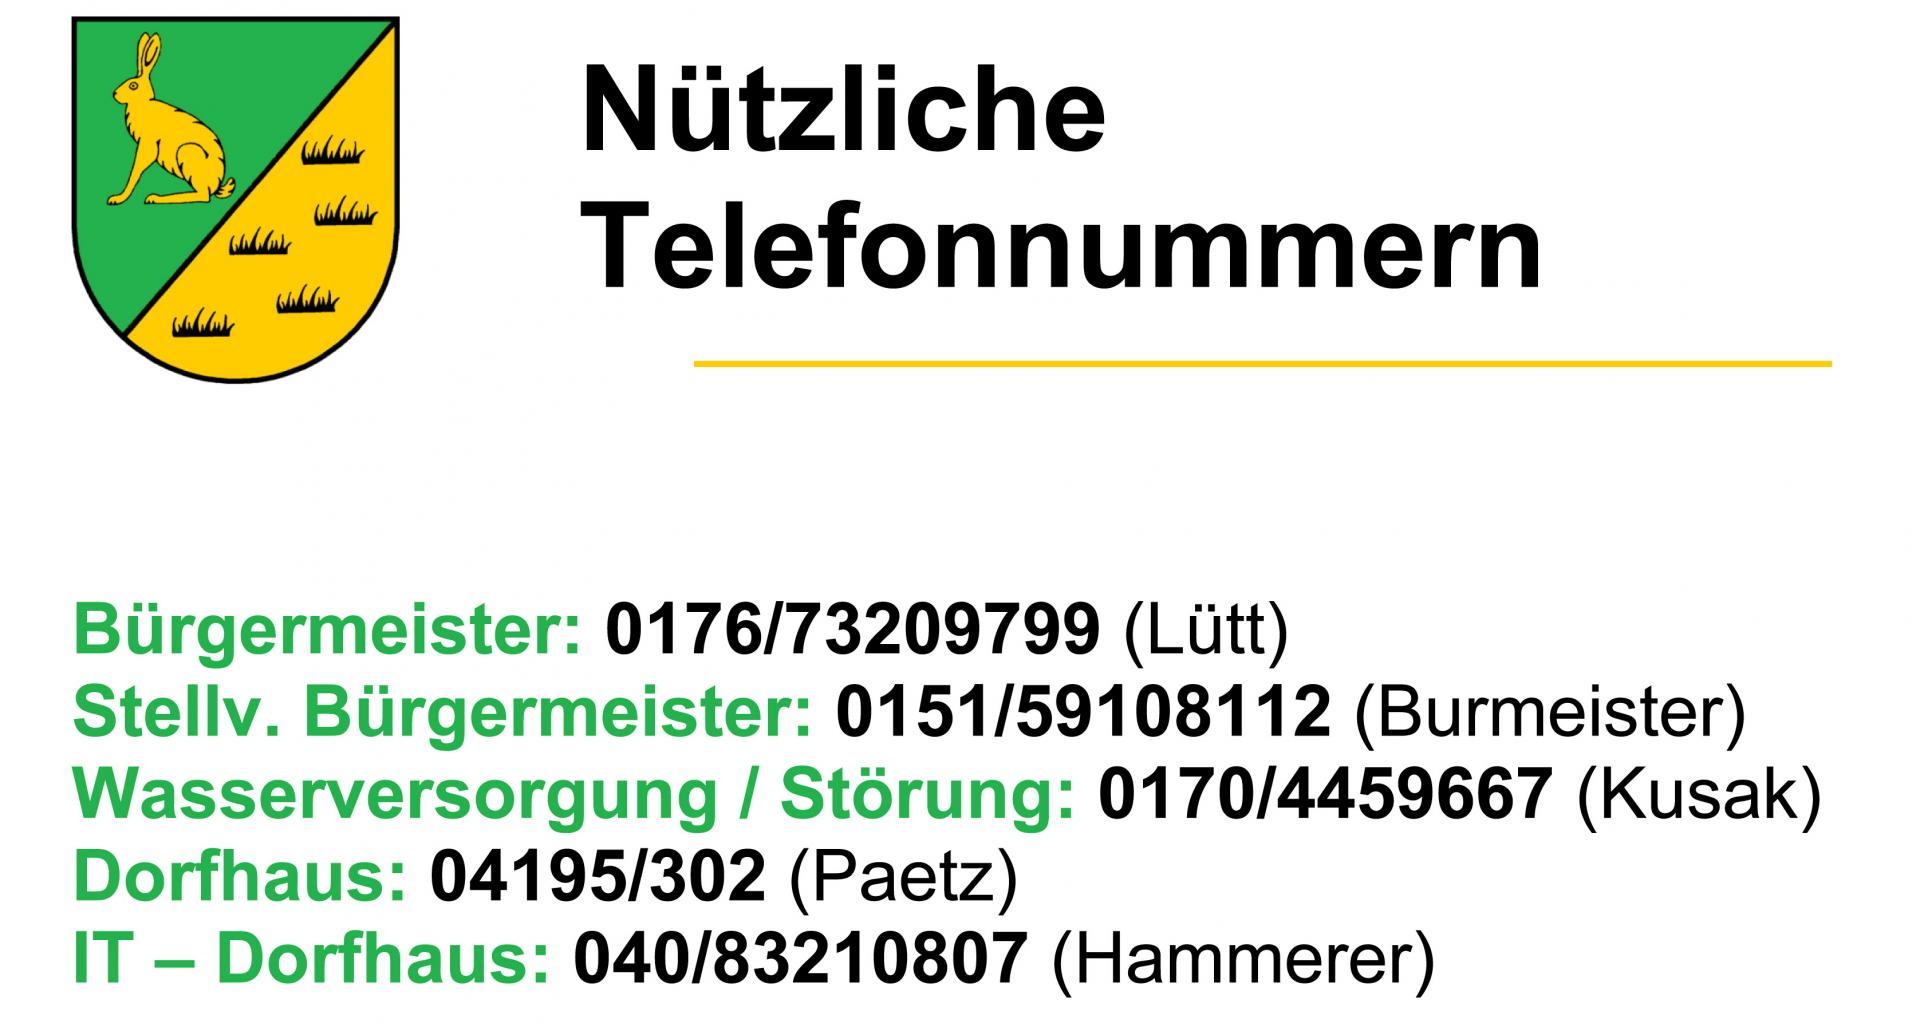 Nützliche Telefonnummern